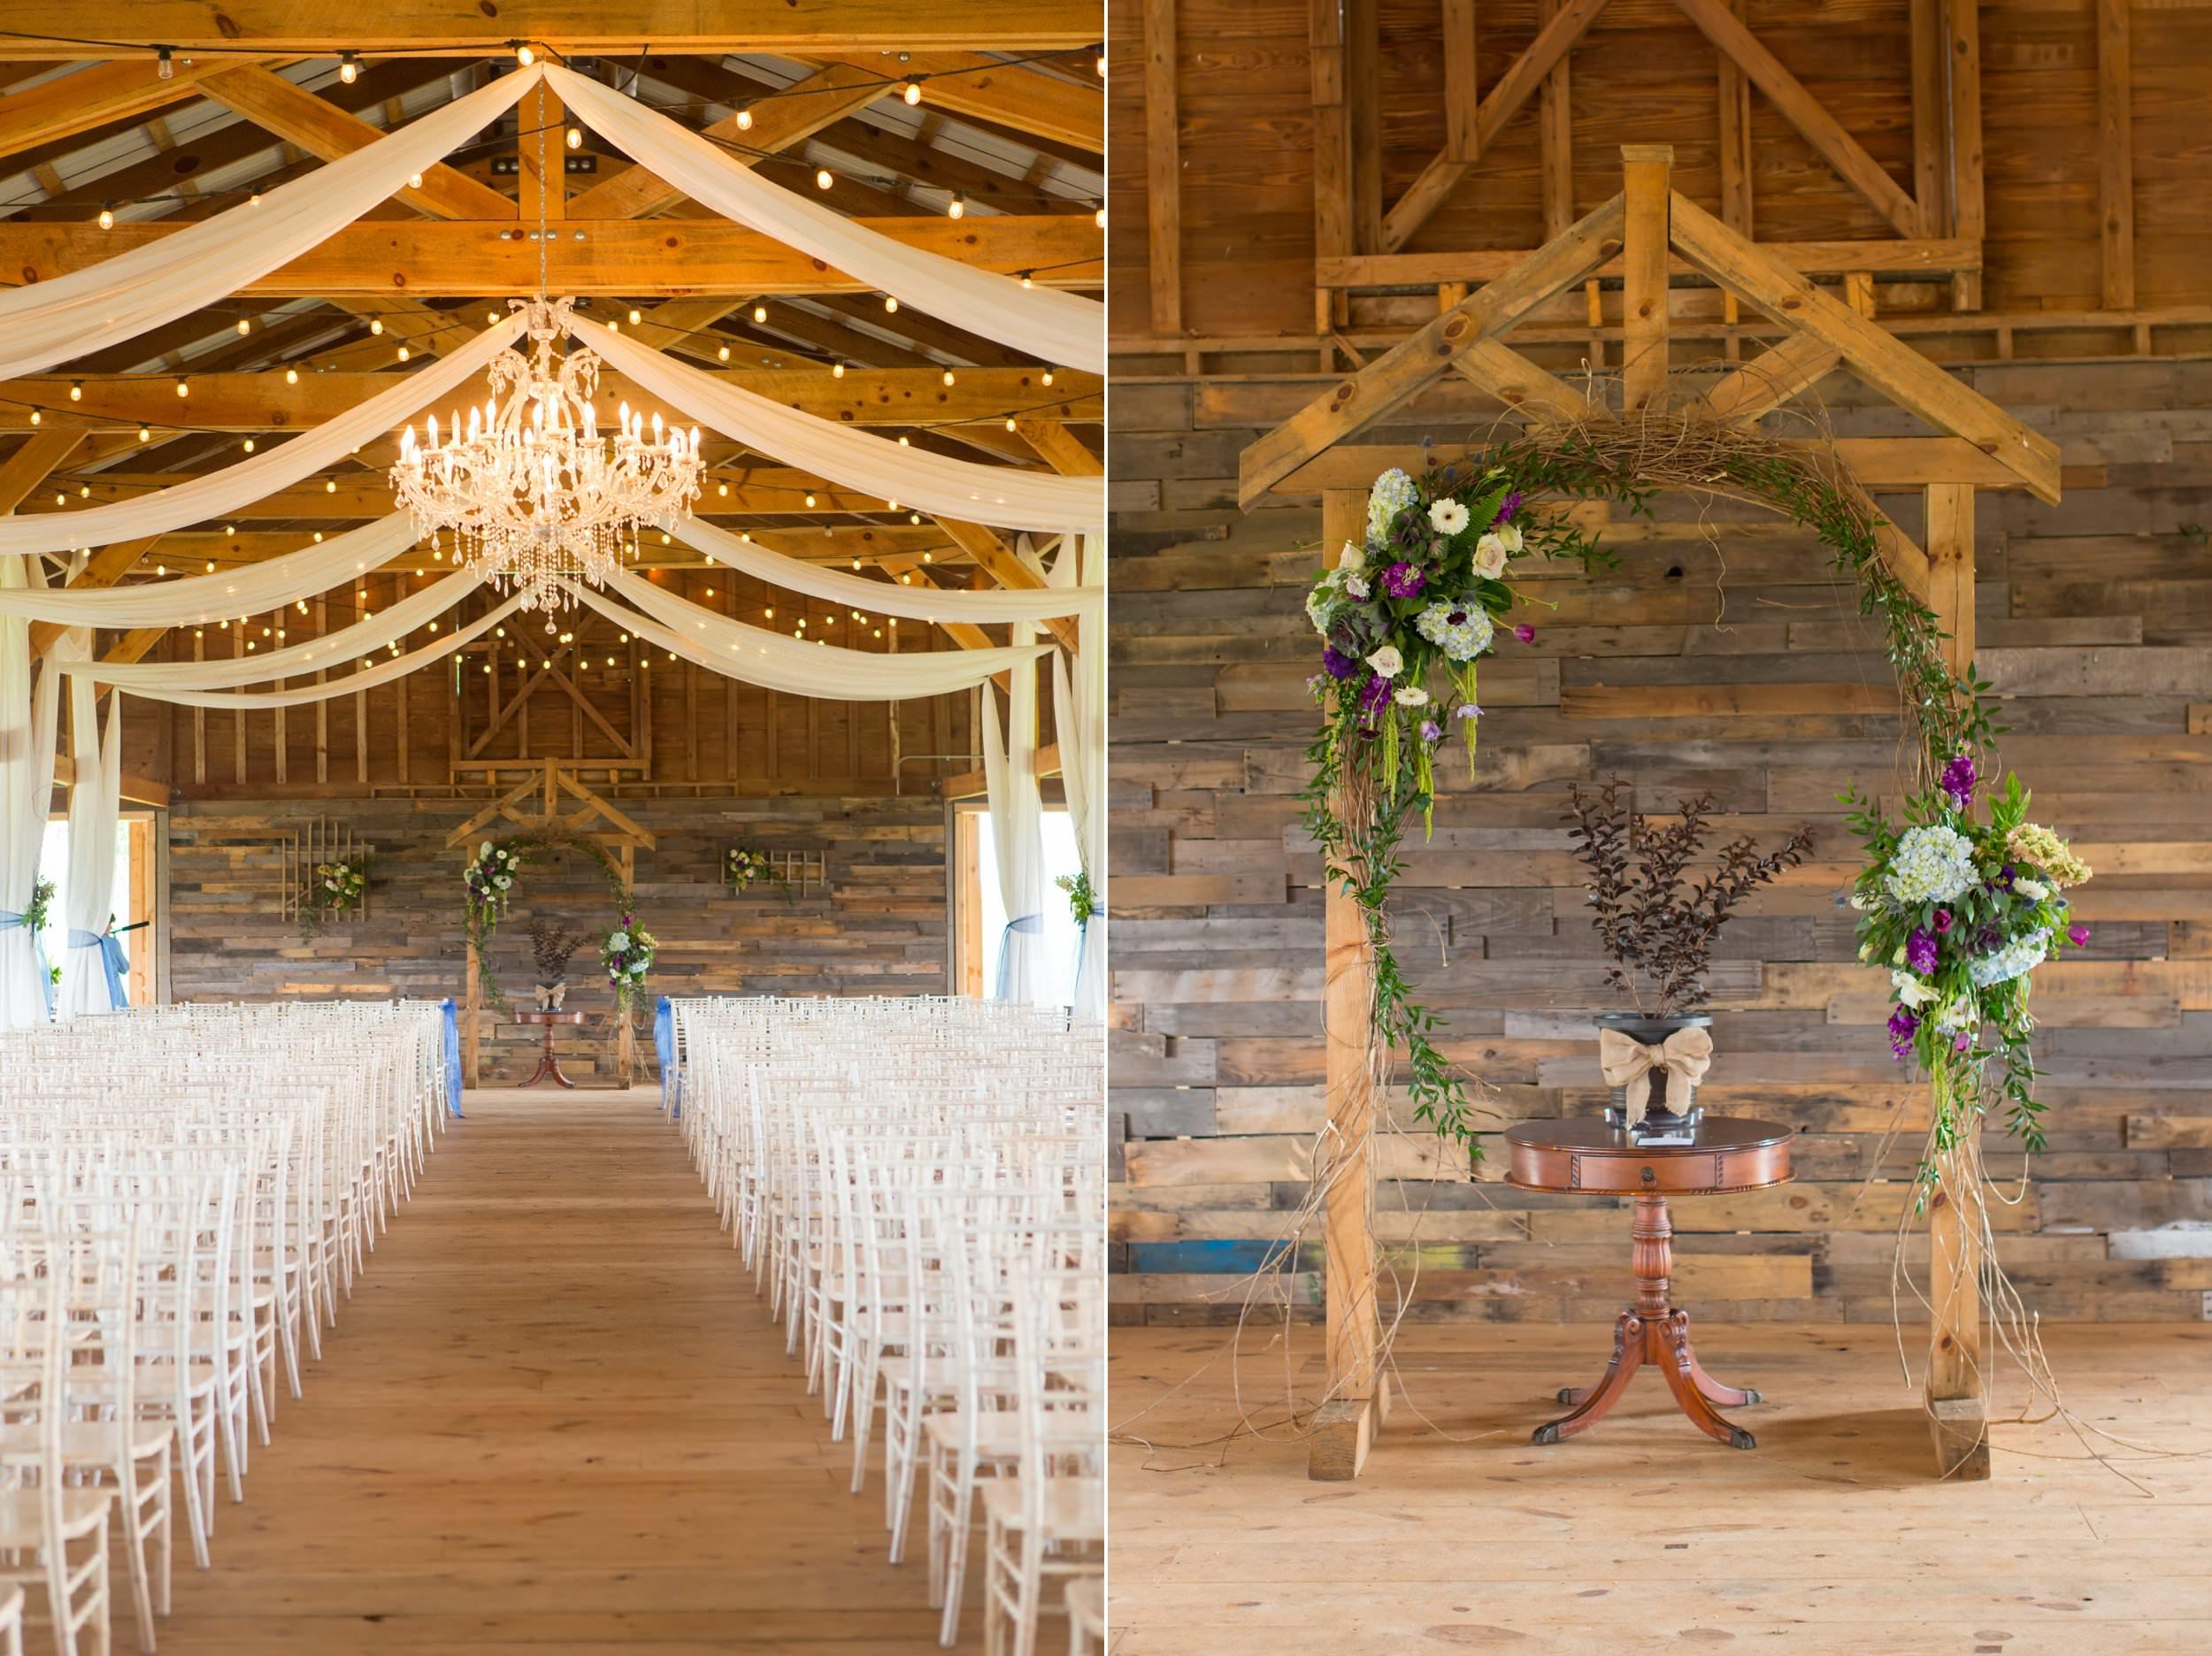 Abby-Manor-Events-Wedding-Photos35.jpg